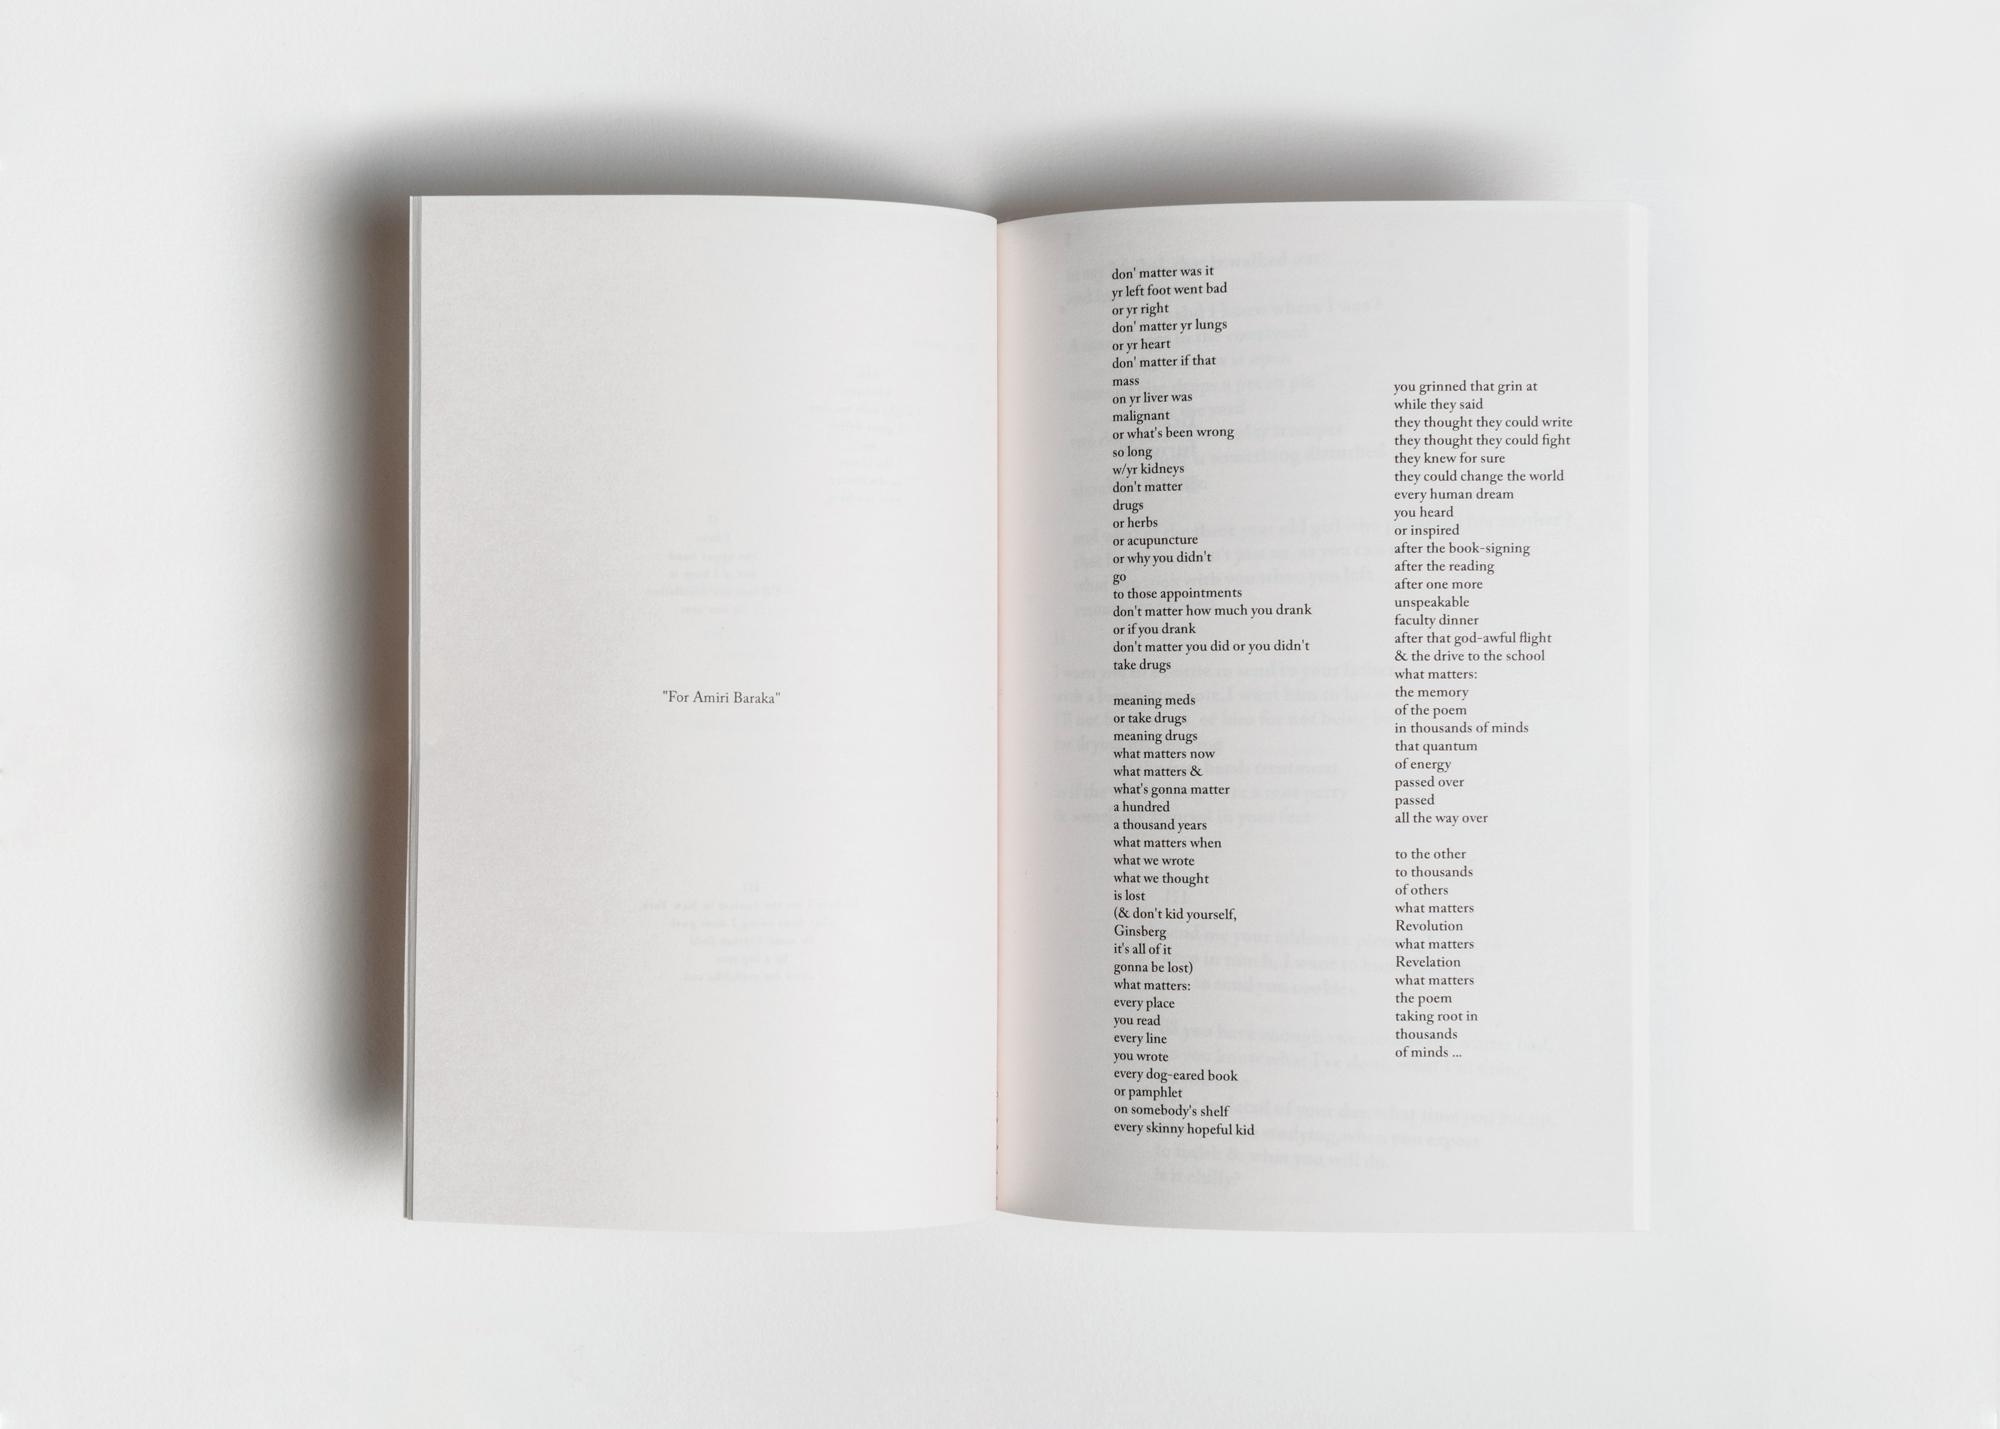 Tras_los_poemas-6